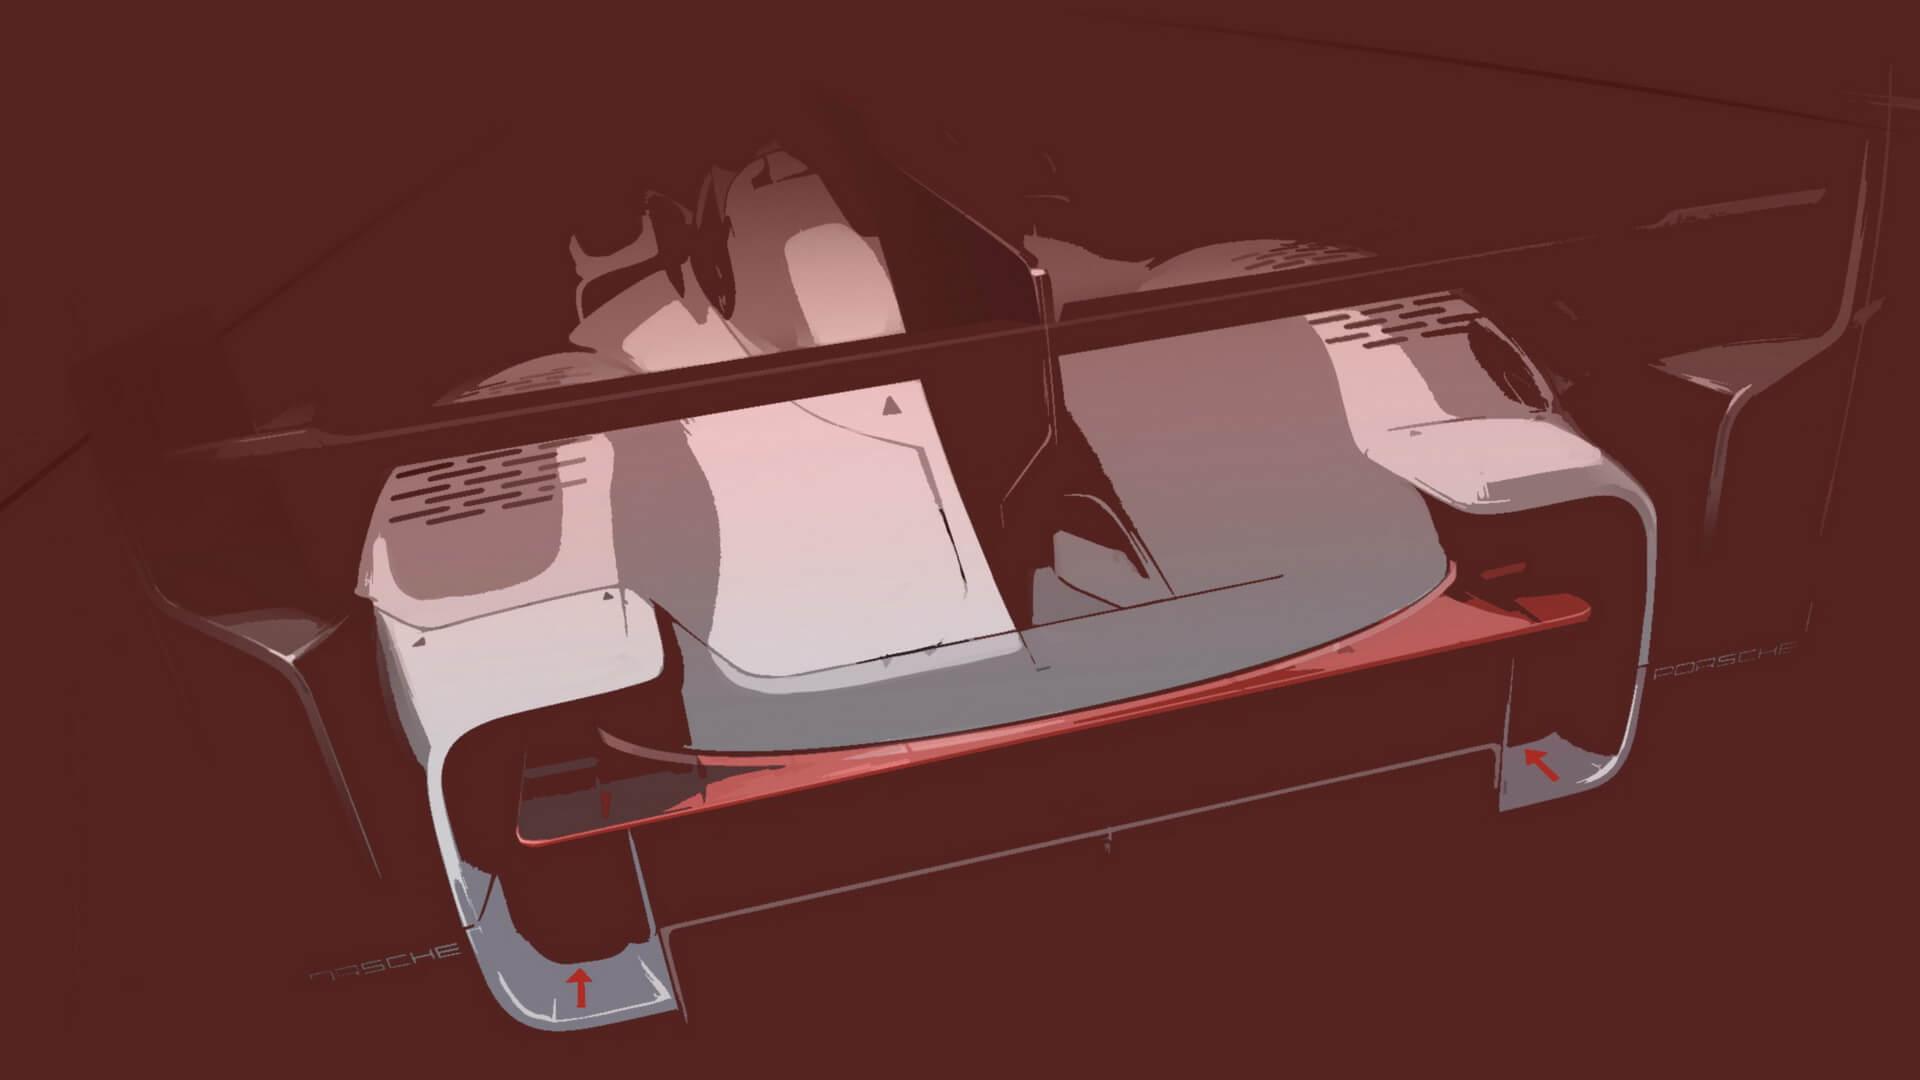 Прототип гибридного спортивного автомобиля Porsche